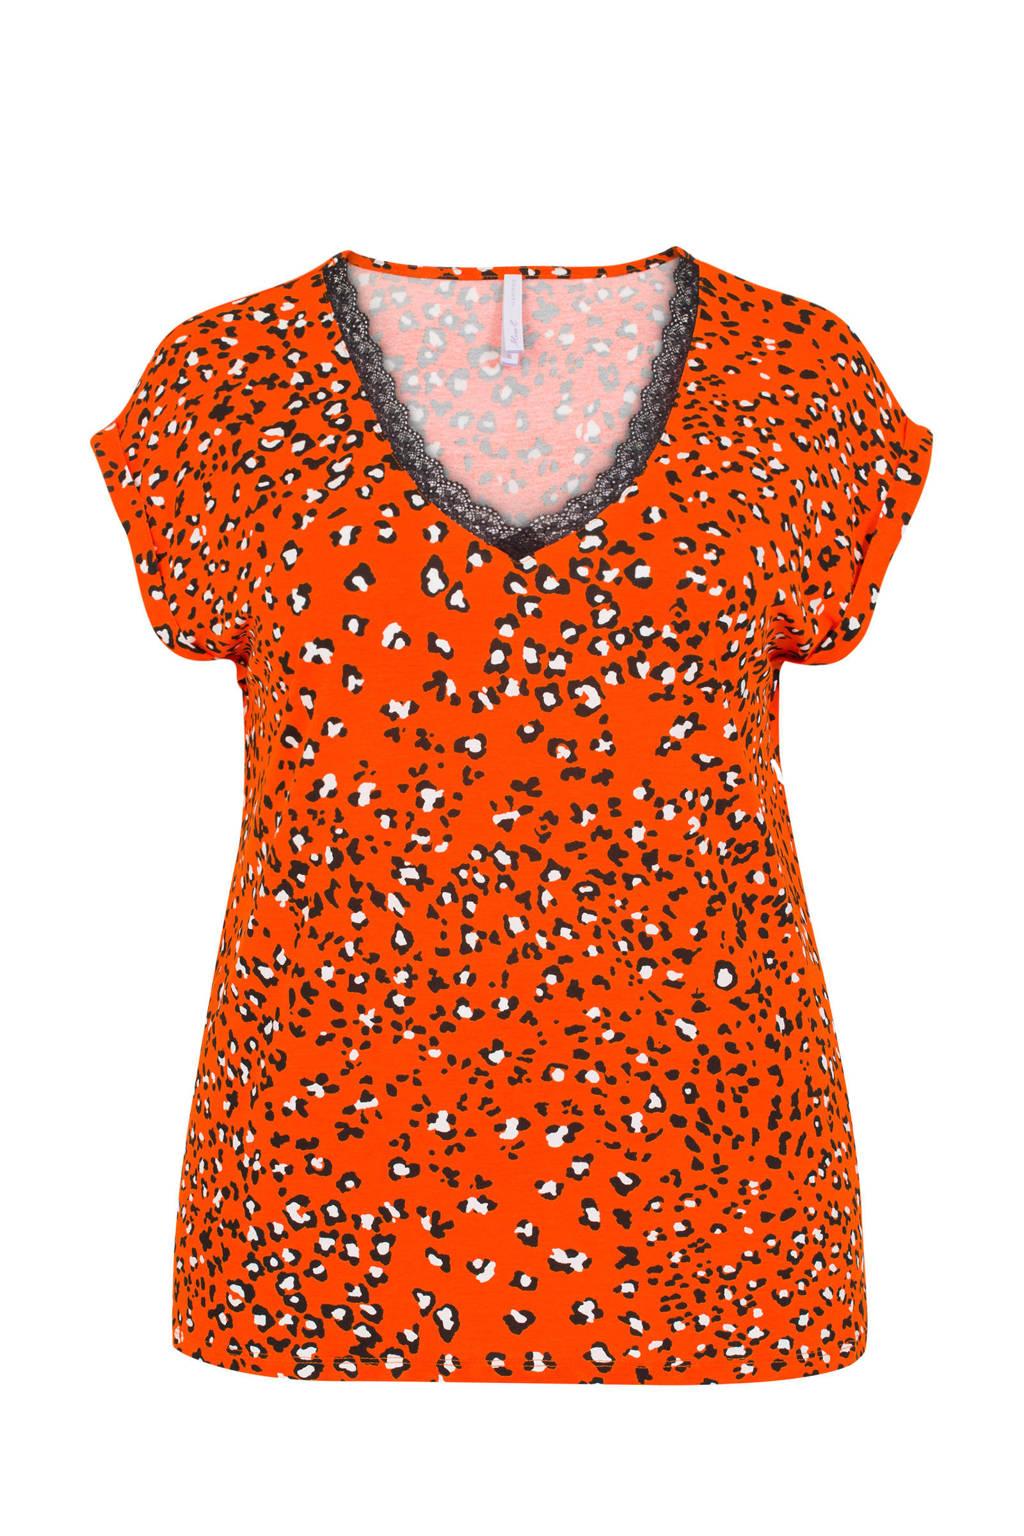 Miss Etam Plus T-shirt met panterprint en kant detail, Oranje